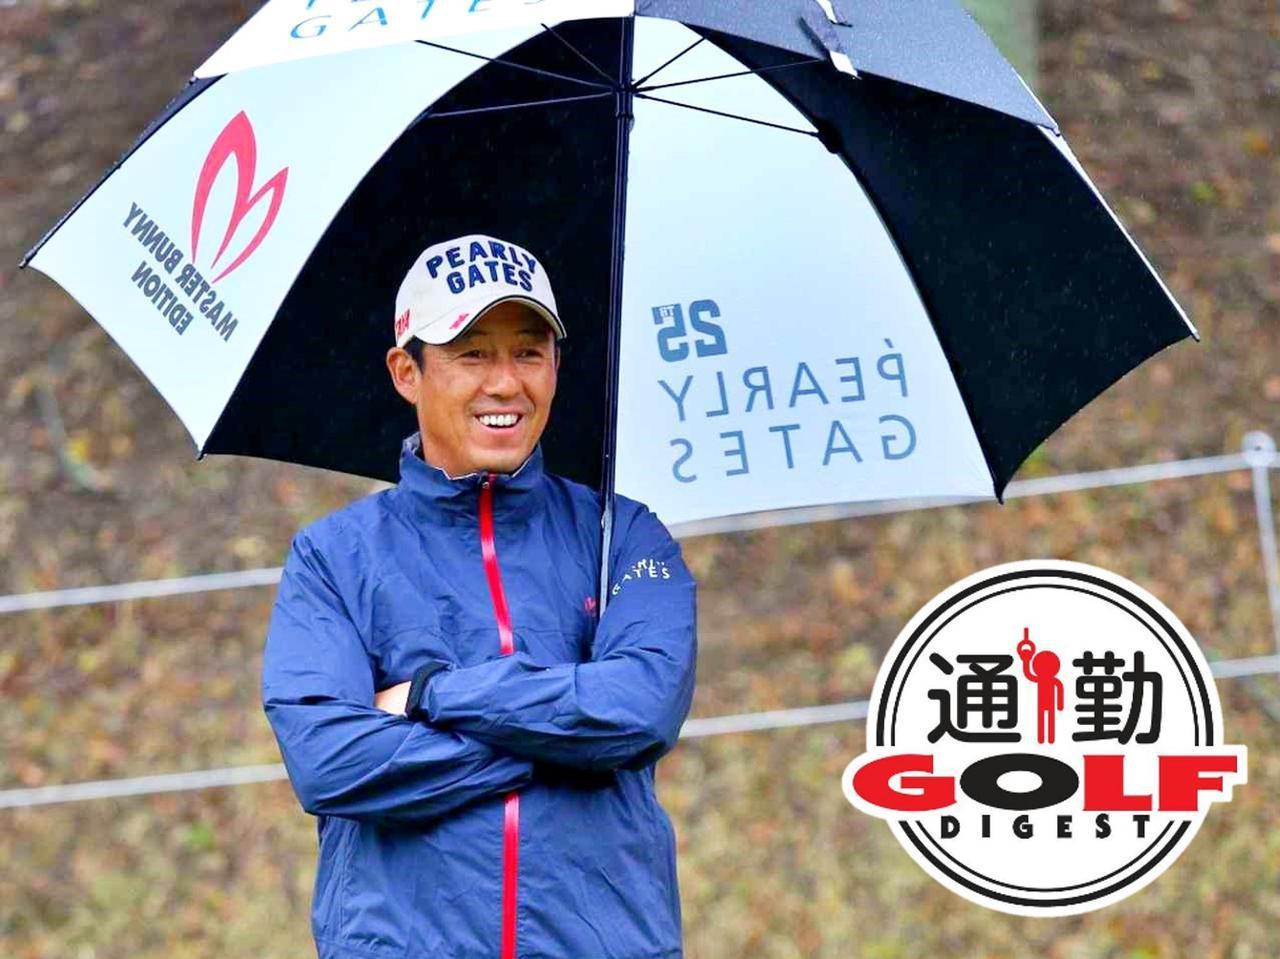 画像: 【通勤GD】芹澤信雄「1番ホールの木の下で…」Vol.57 「いつもどおり」は大事だけれど難しい ゴルフダイジェストWEB - ゴルフへ行こうWEB by ゴルフダイジェスト